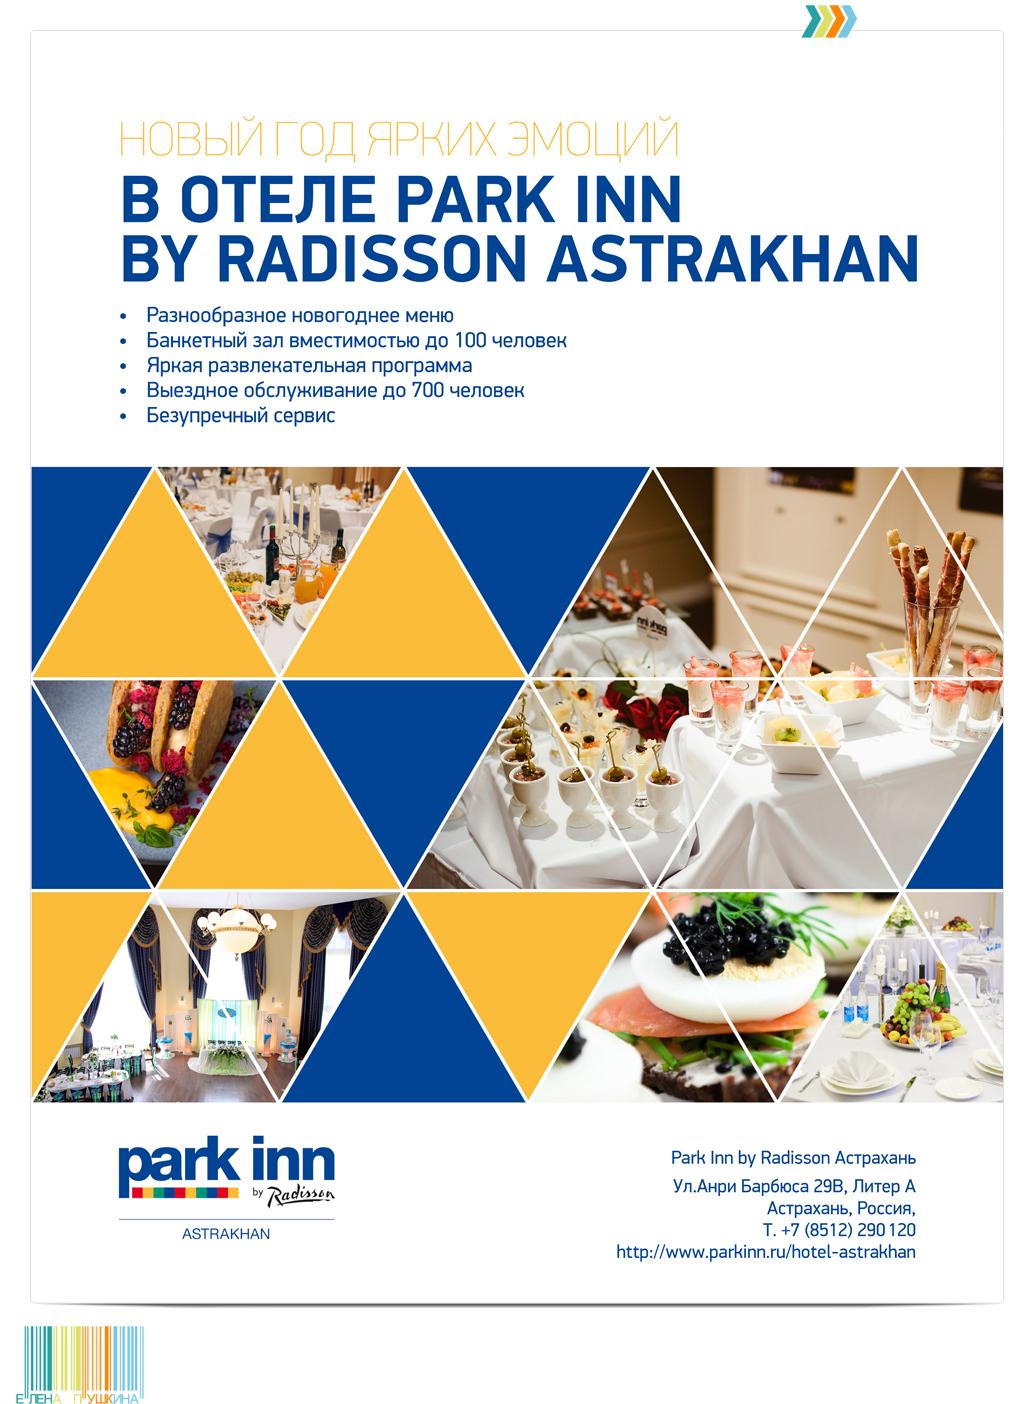 Дизайн рекламной листовки длямеждународной cети отелей «Park Inn by Radisson®» Дизайн листовок Портфолио